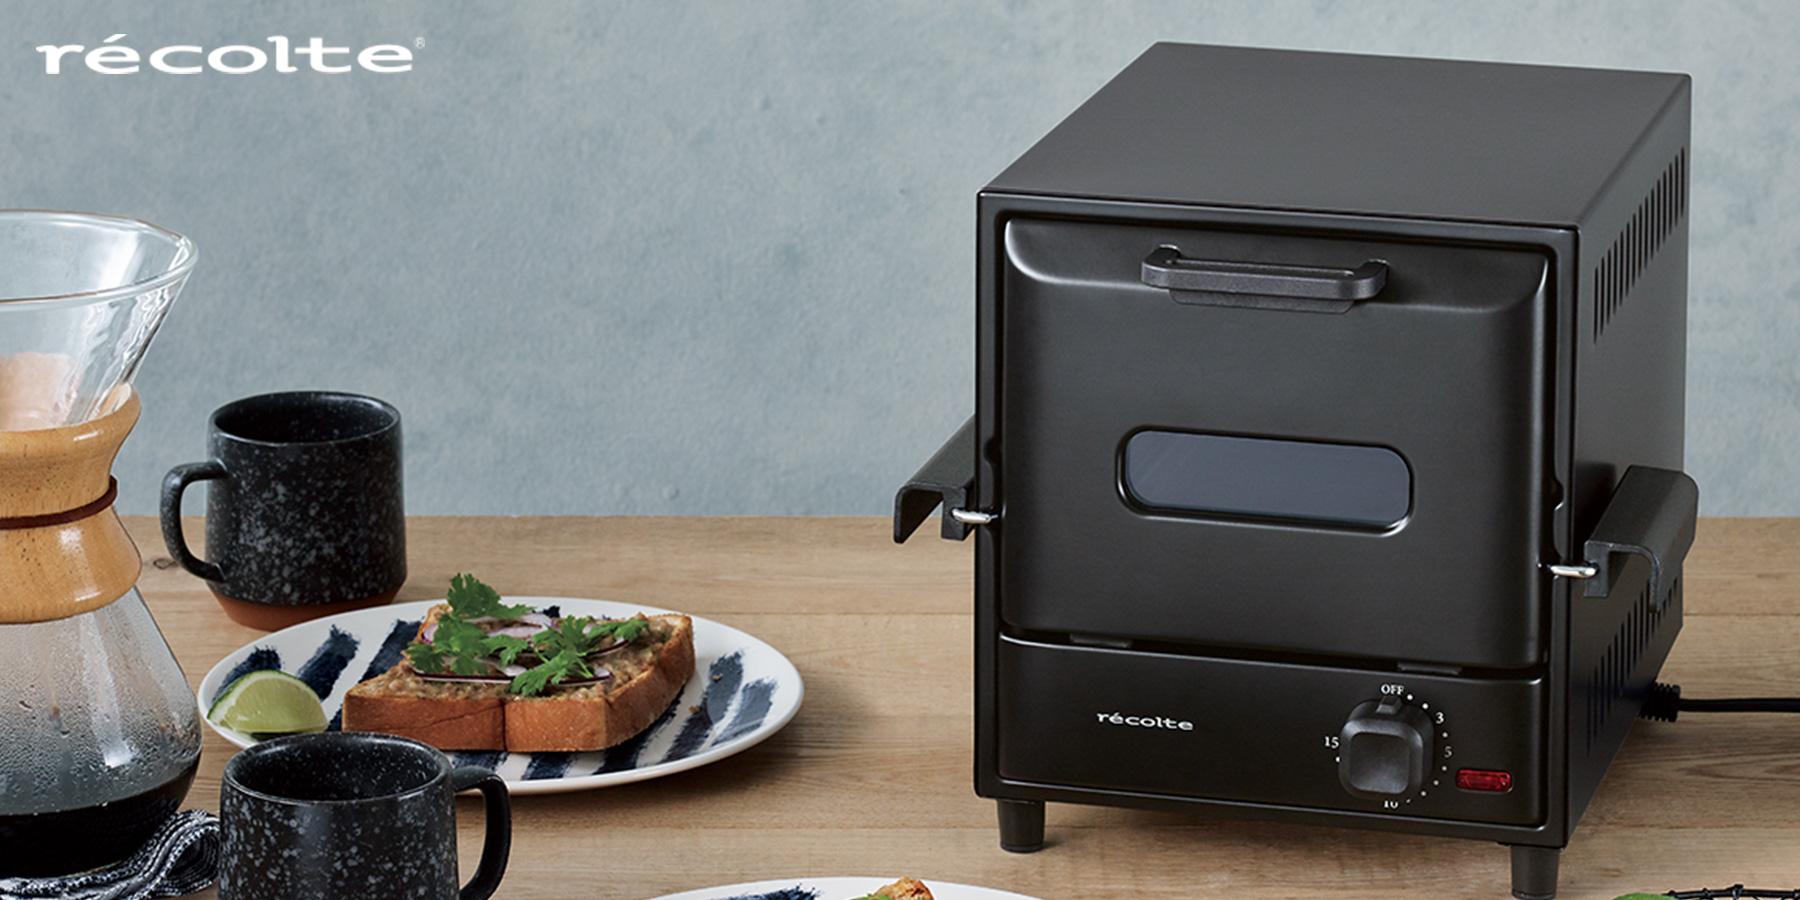 オーブントースター オーブン トースター おしゃれ かわいい デザイン家電 レコルト スライドラック オーブン デリカ